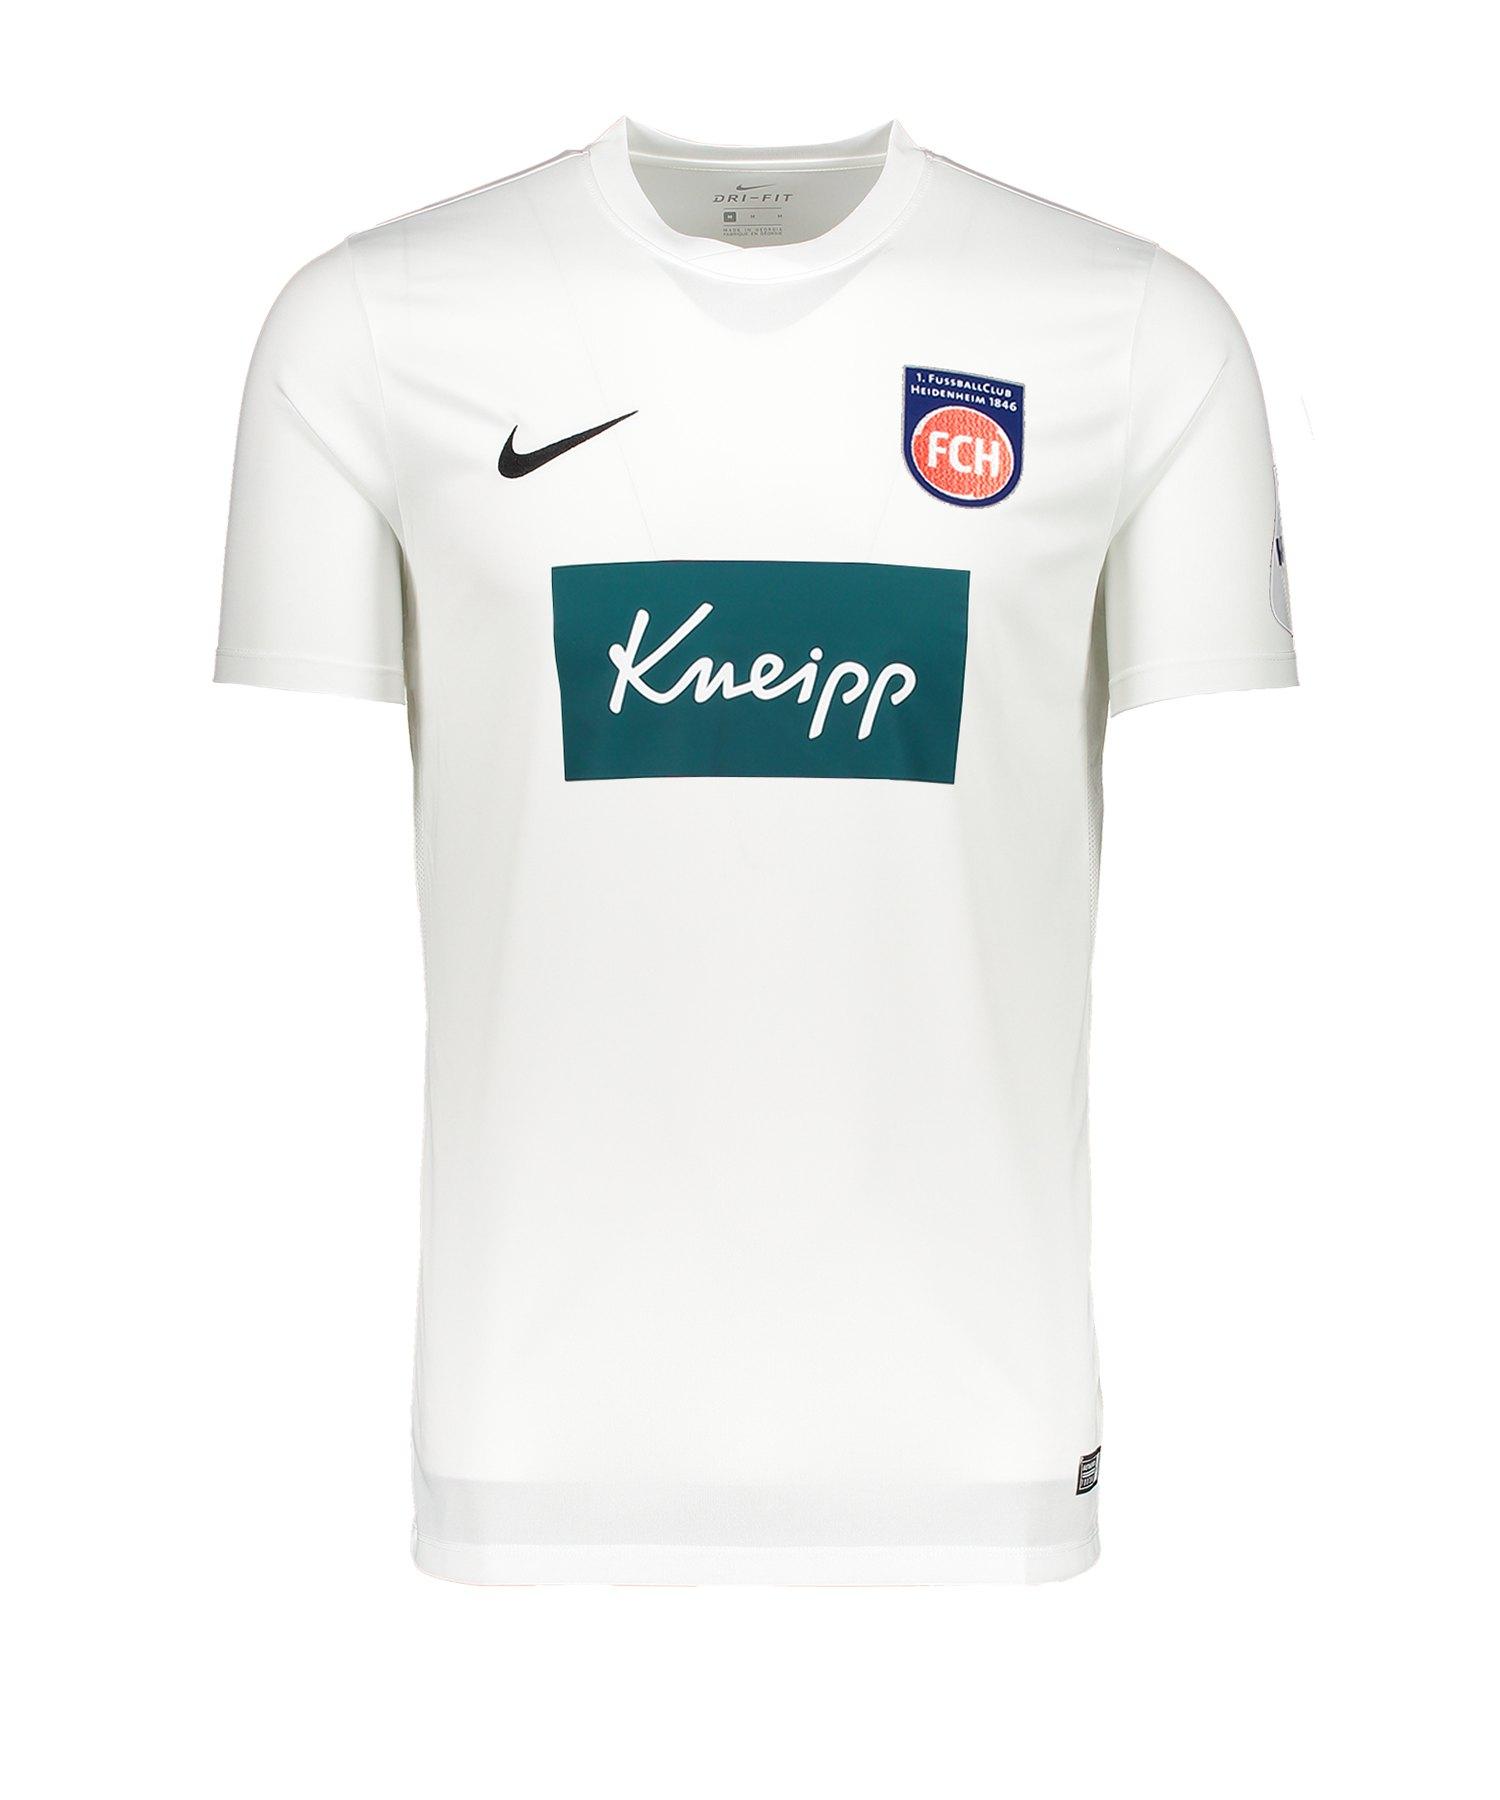 Nike 1. FC Heidenheim Trikot 3rd 2019/2020 Kids F100 - weiss